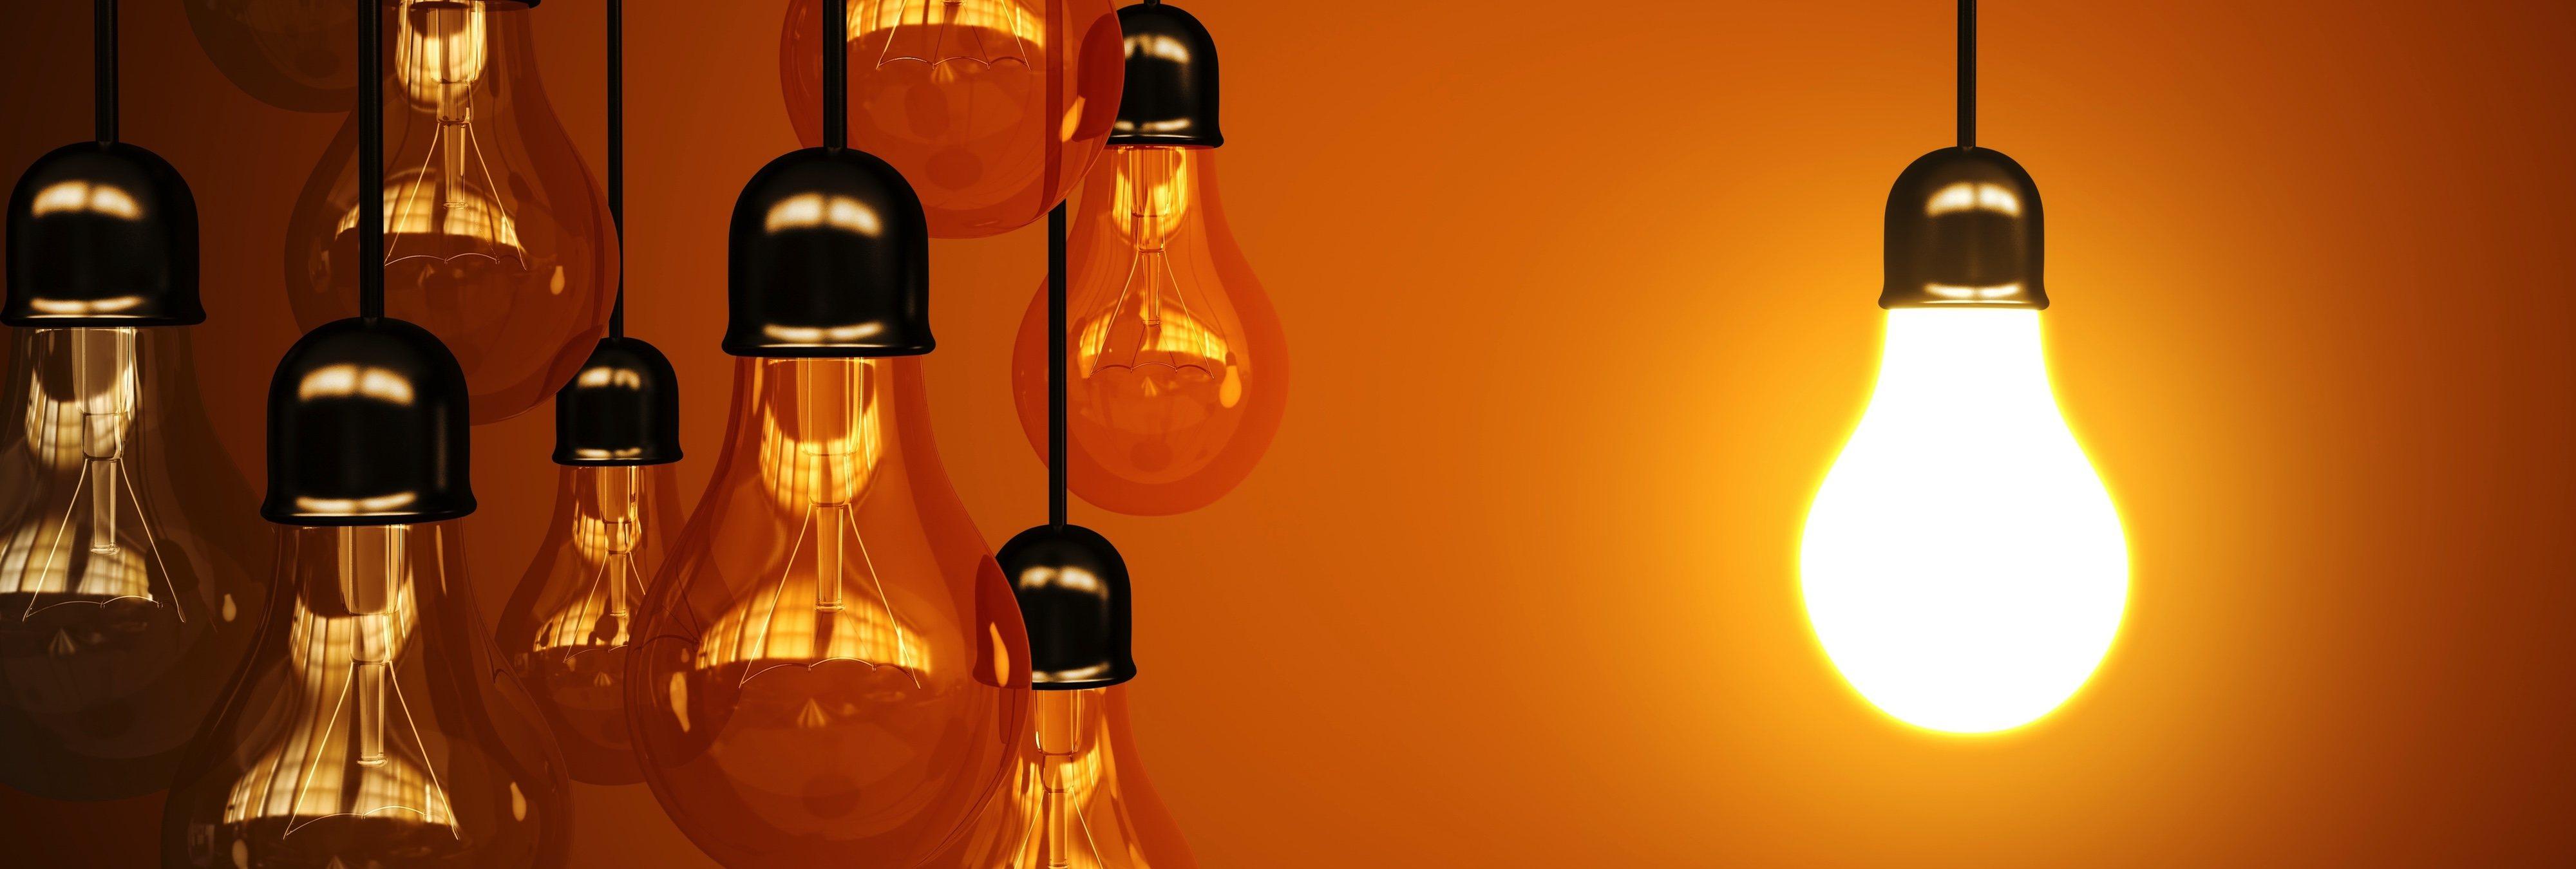 10 grandes inventos que acabaron fracasando